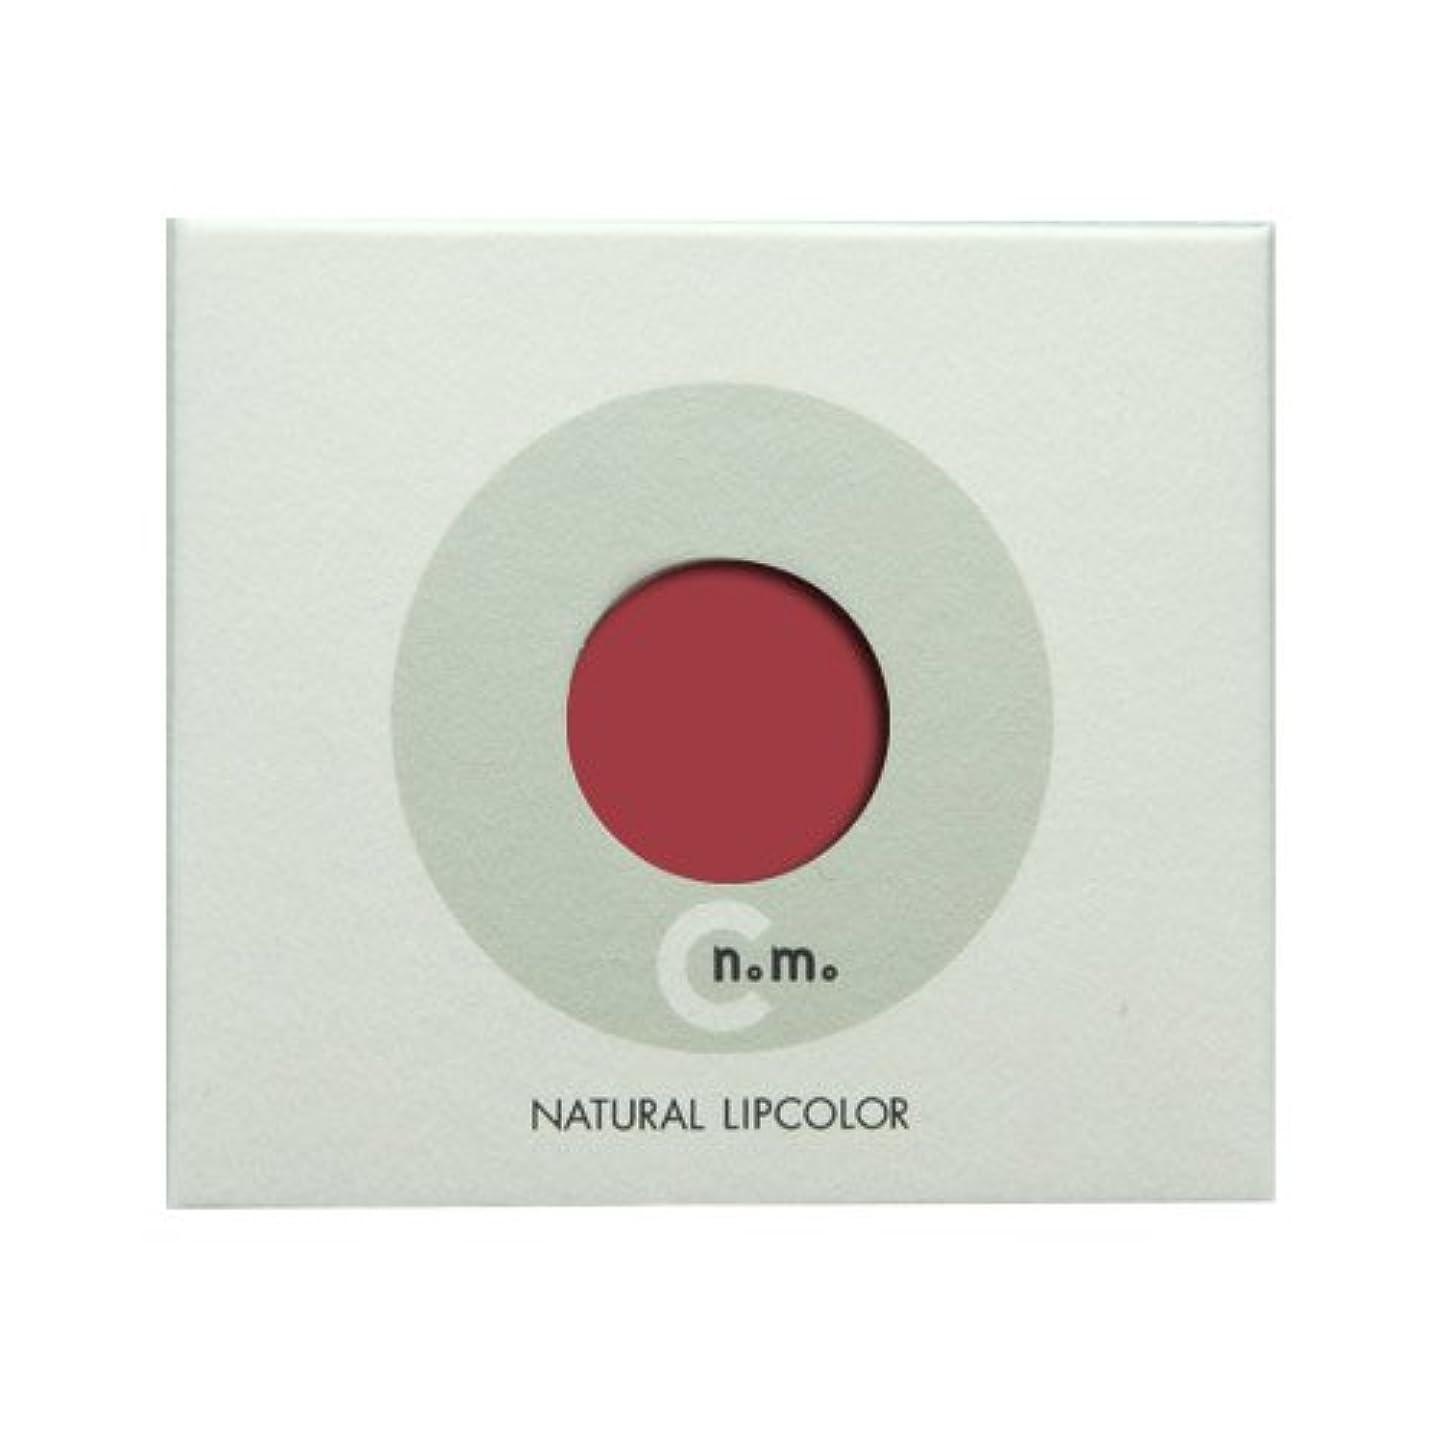 ノーブル意志に反する複合CRECOS(クレコス) ナチュラルリップカラーC No104紅葉(もみじ)